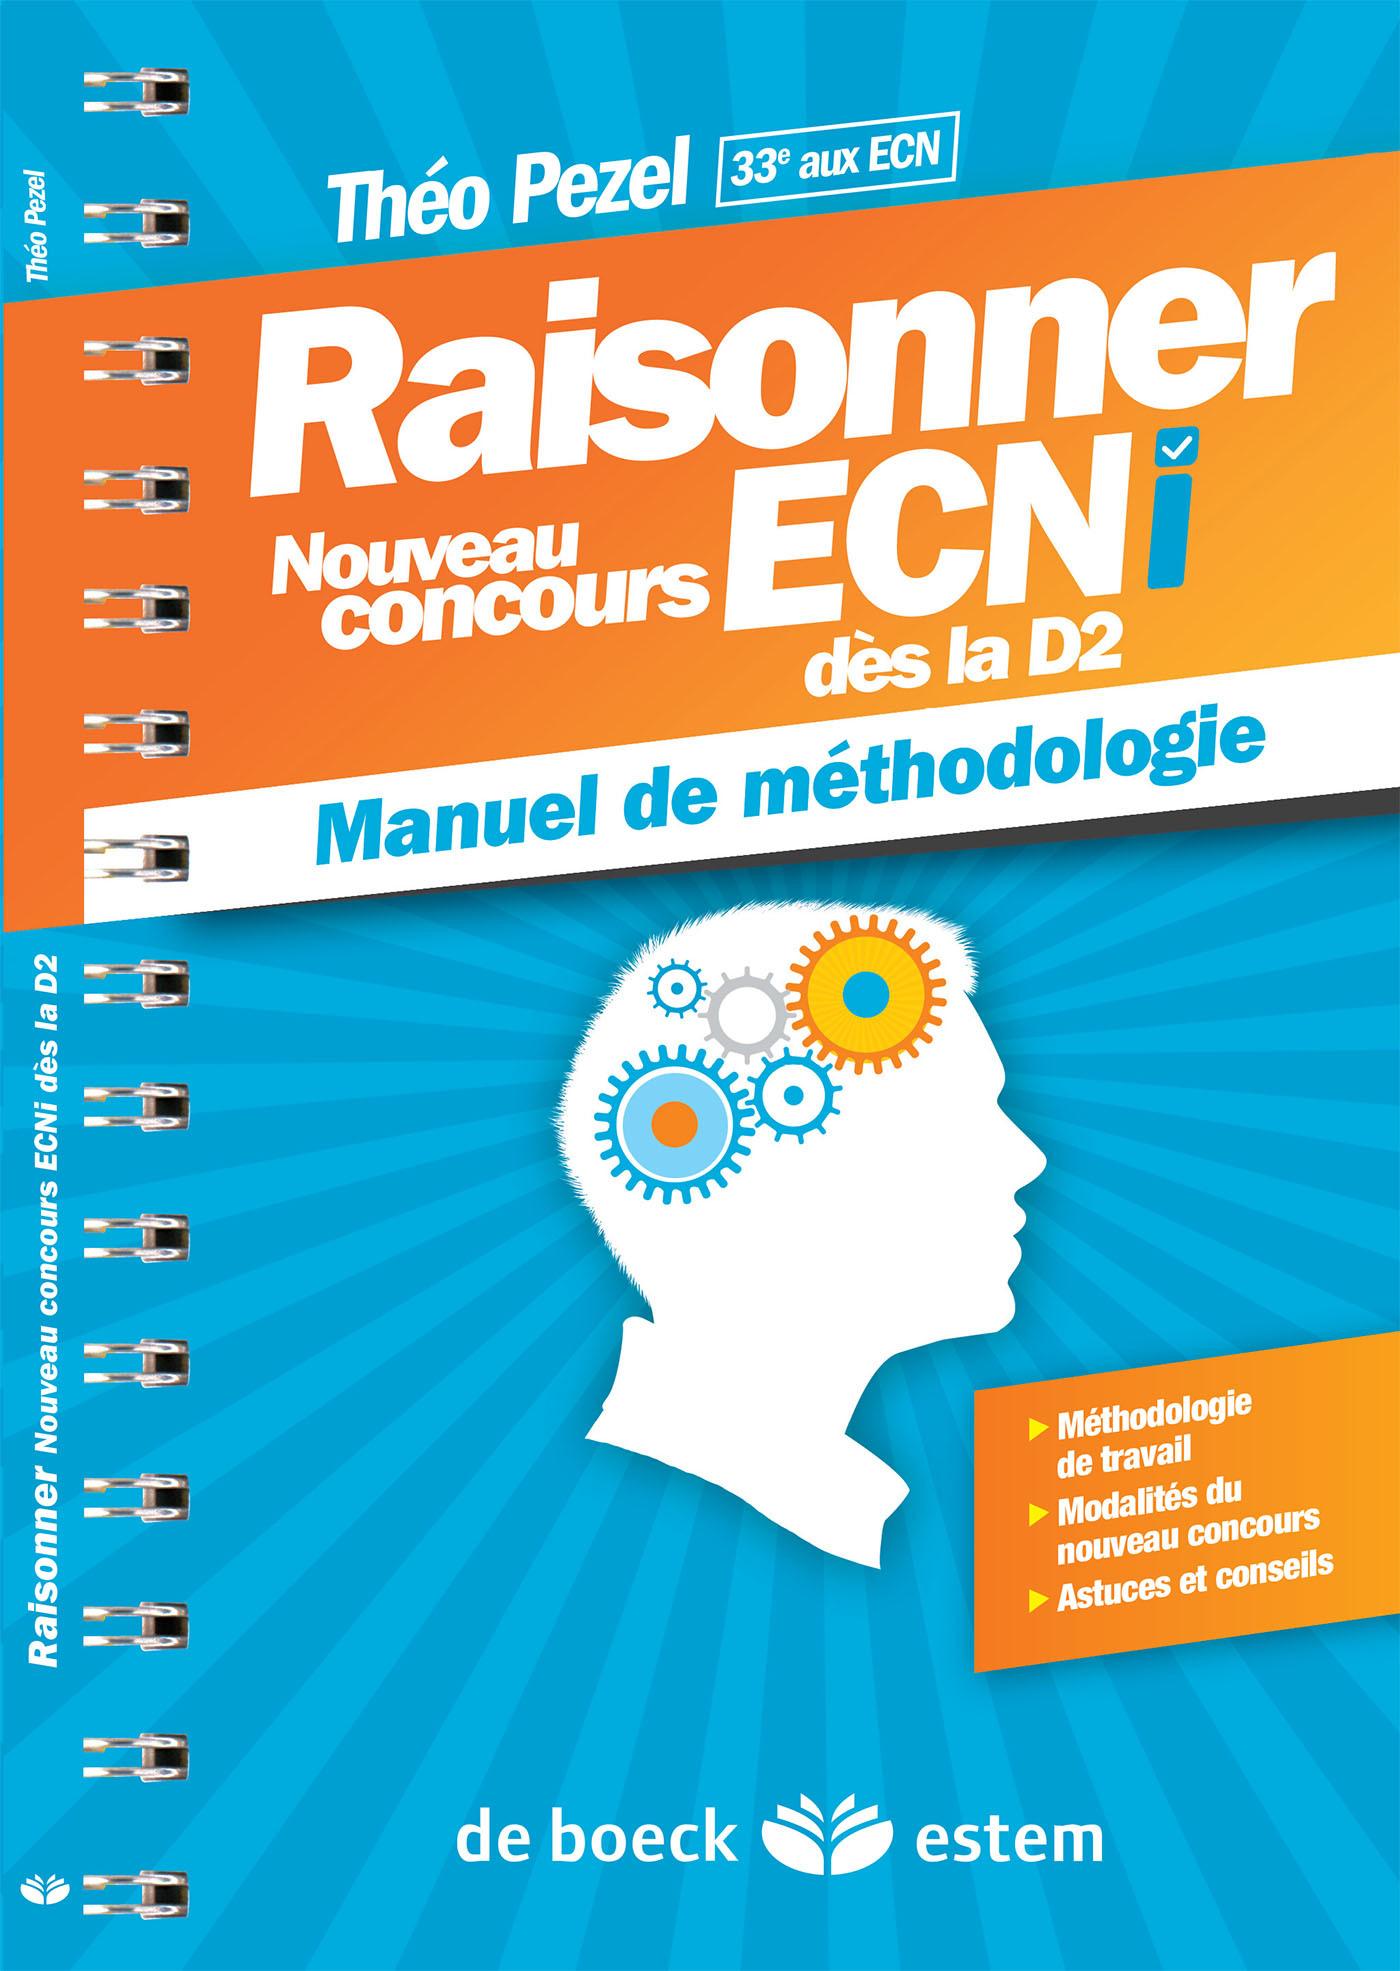 RAISONNER NOUVEAU CONCOURS ECNI DES LA D2